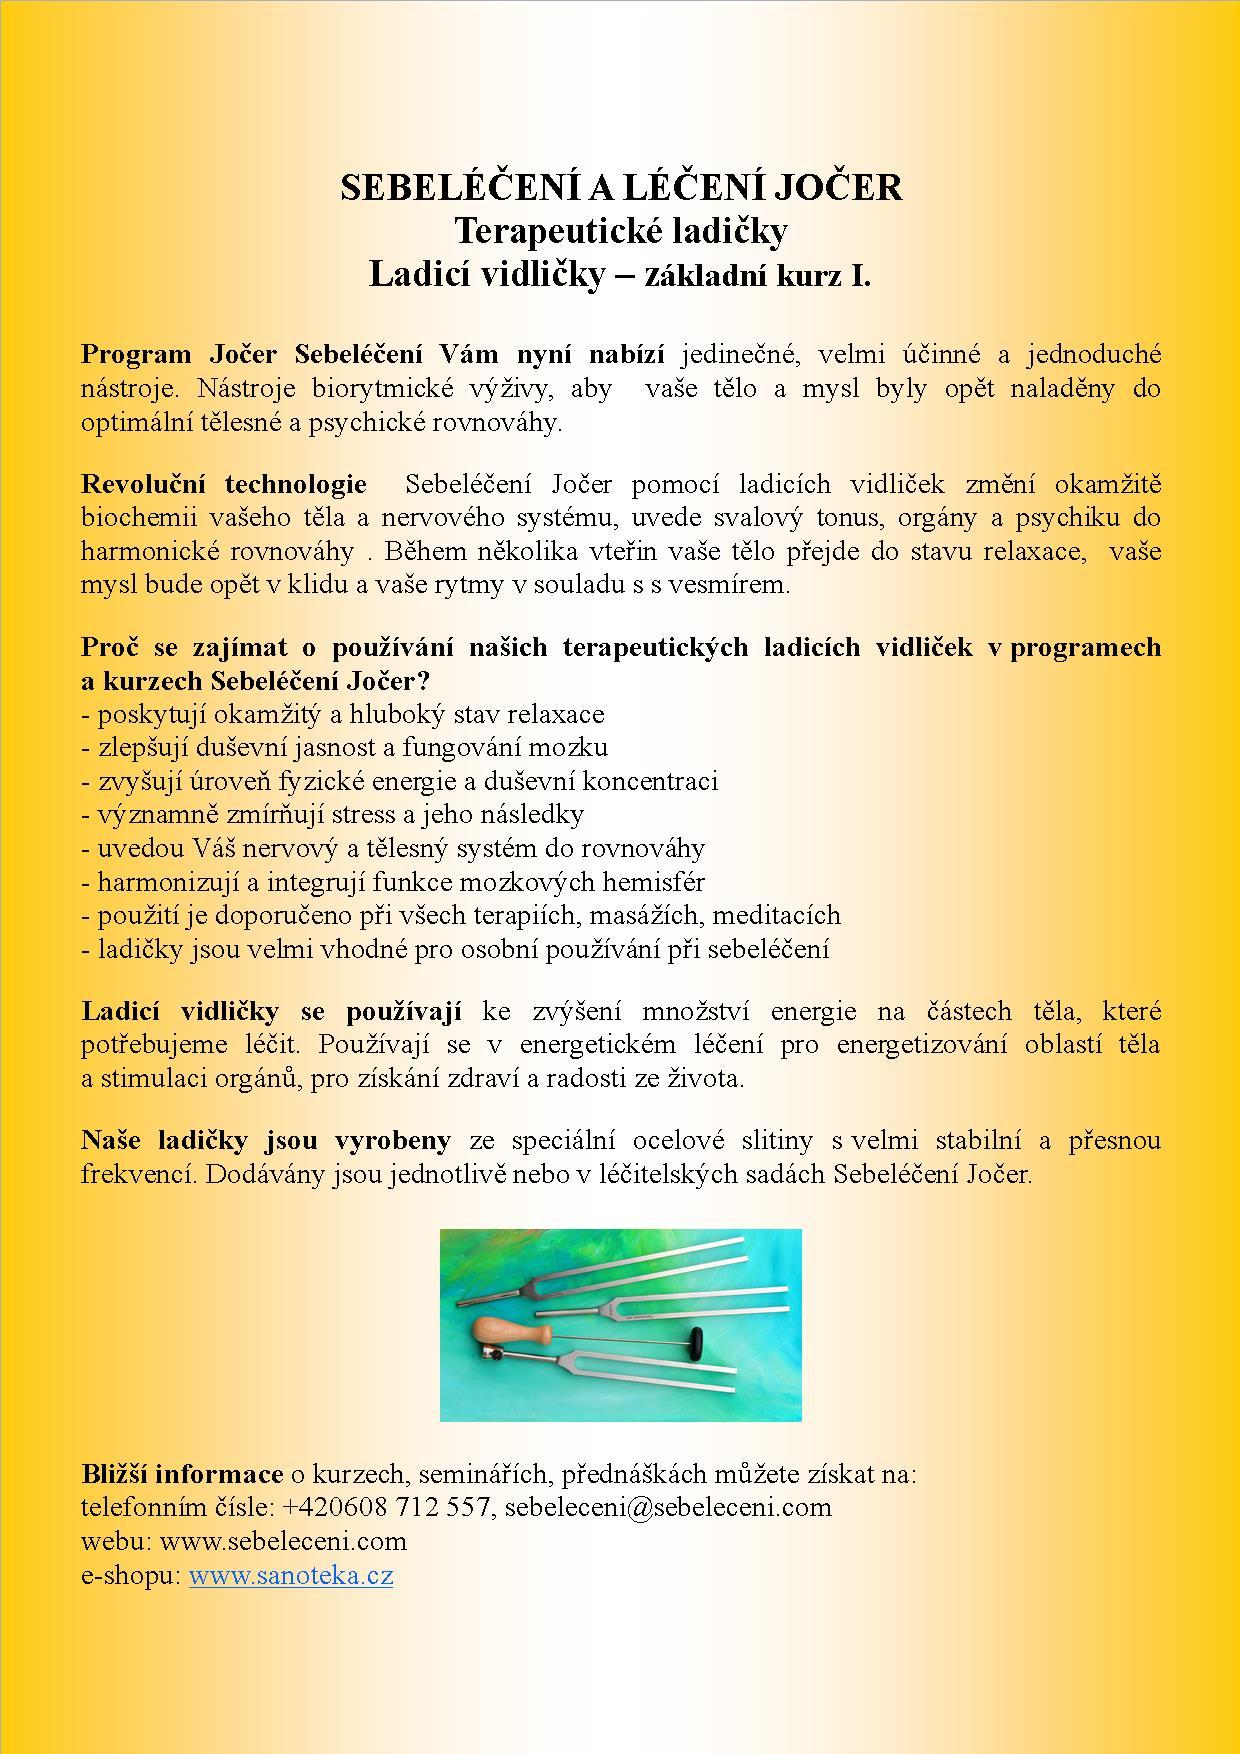 Ladicky_kurz2